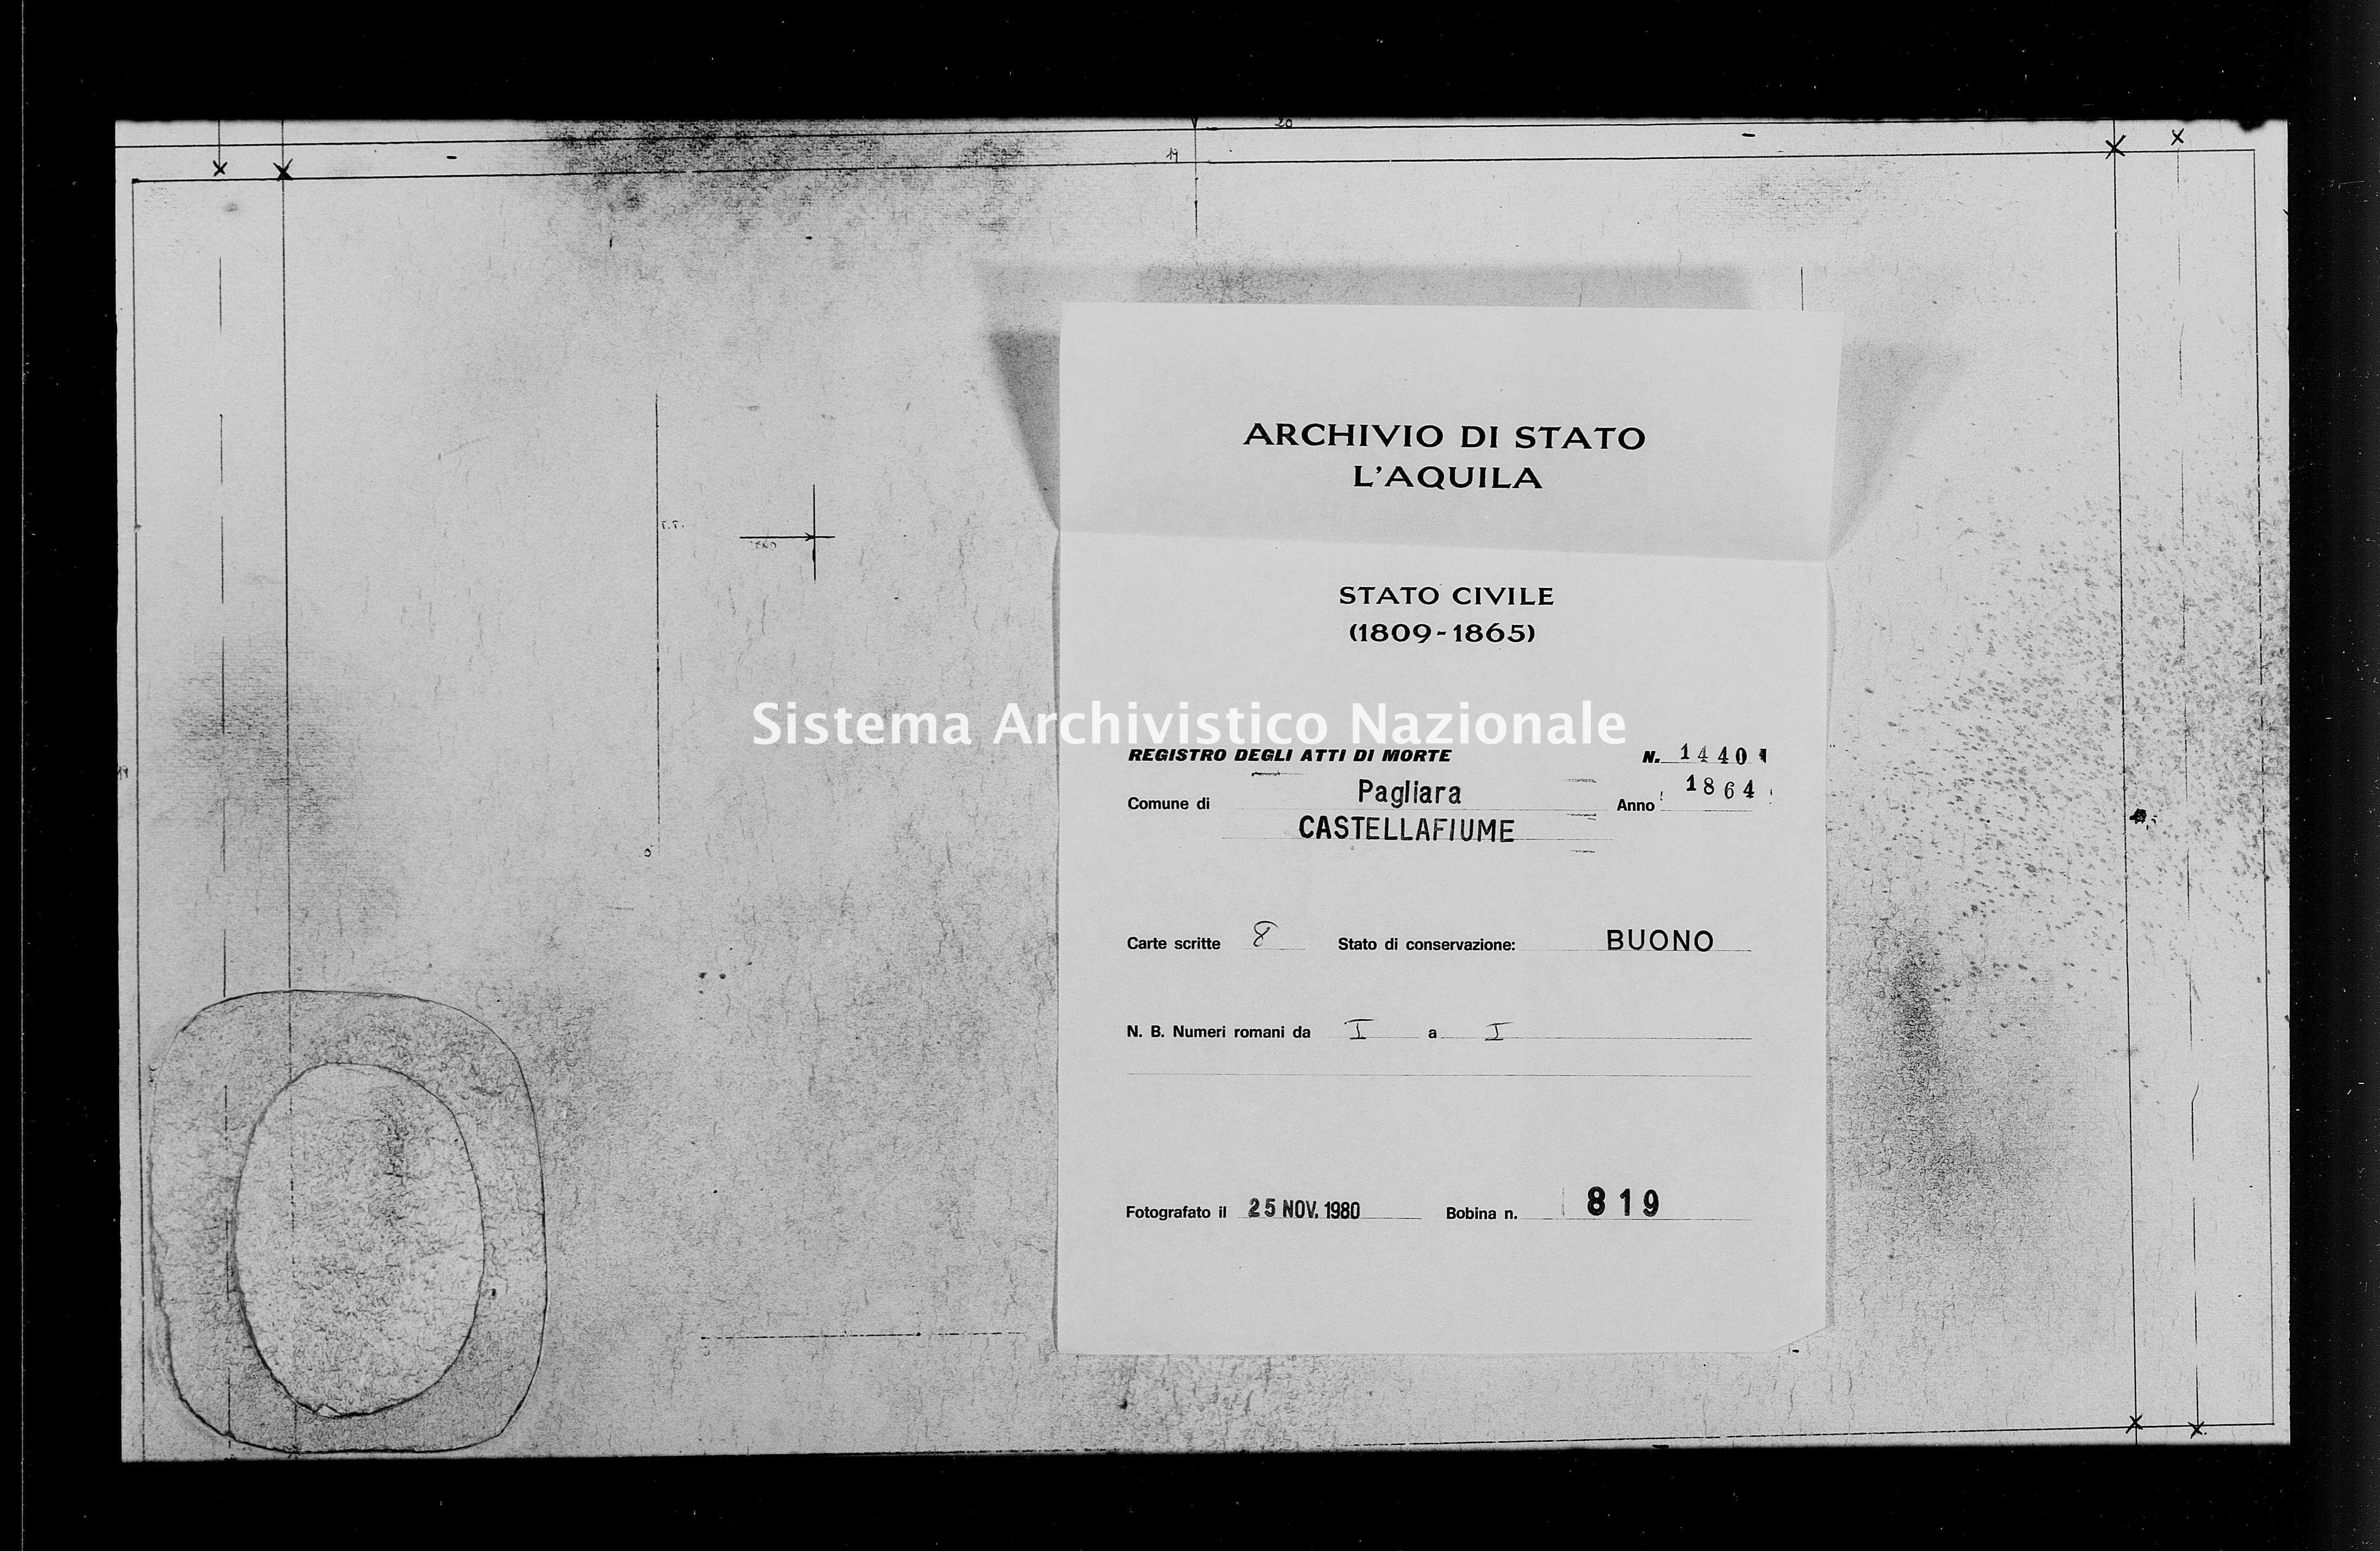 Archivio di stato di L'aquila - Stato civile italiano - Pagliara - Morti - 1864 - 1440 -